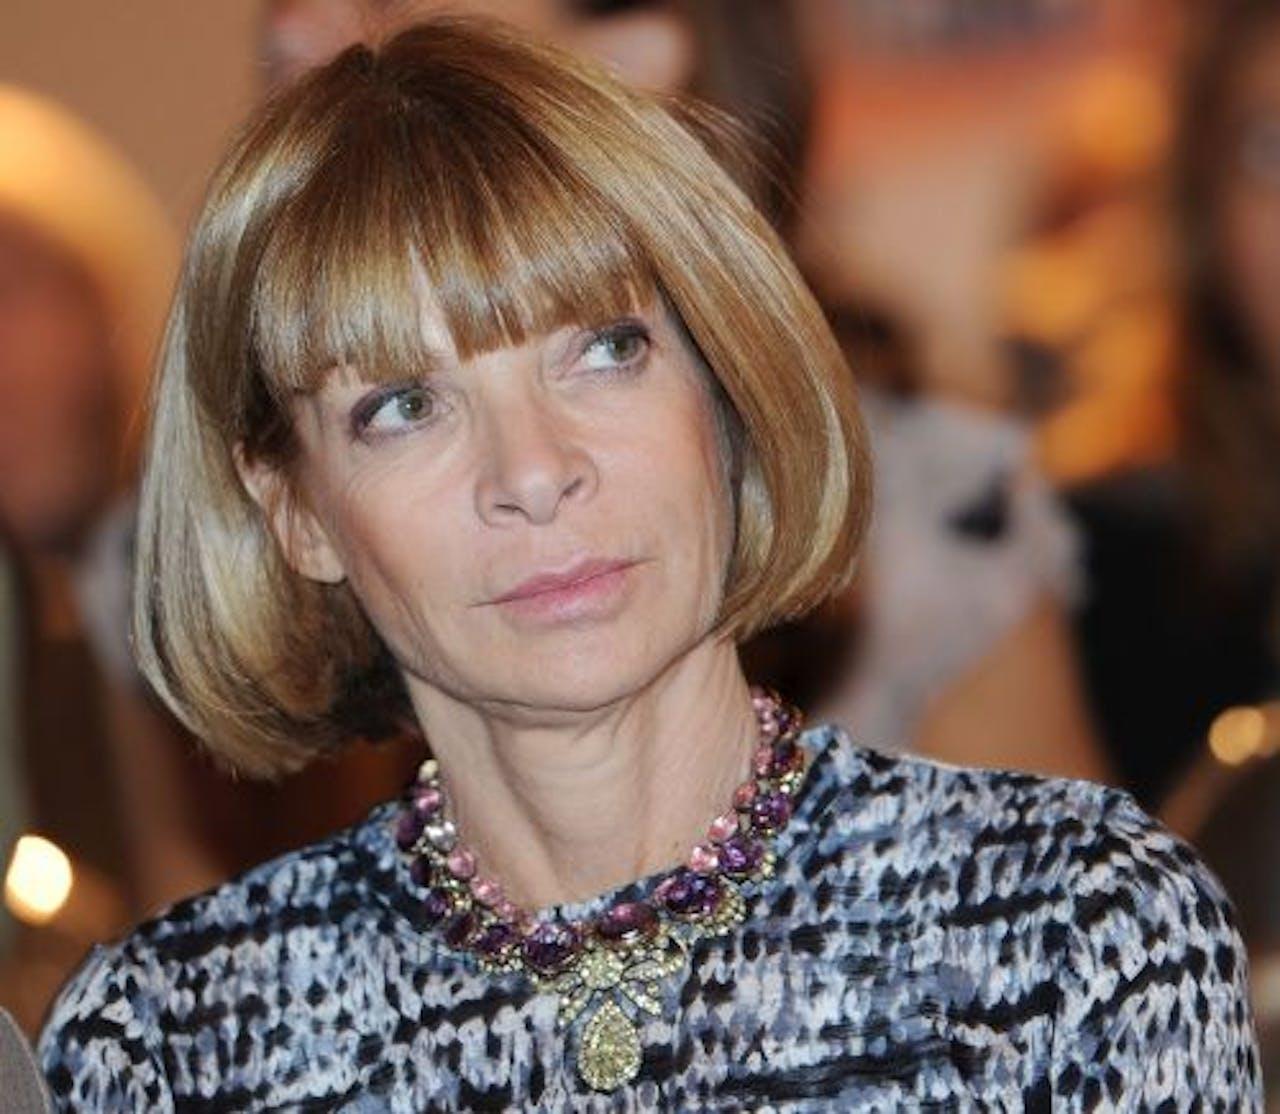 Anna Wintour, de hoofdredactrice van de Amerikaanse Vogue. EPA